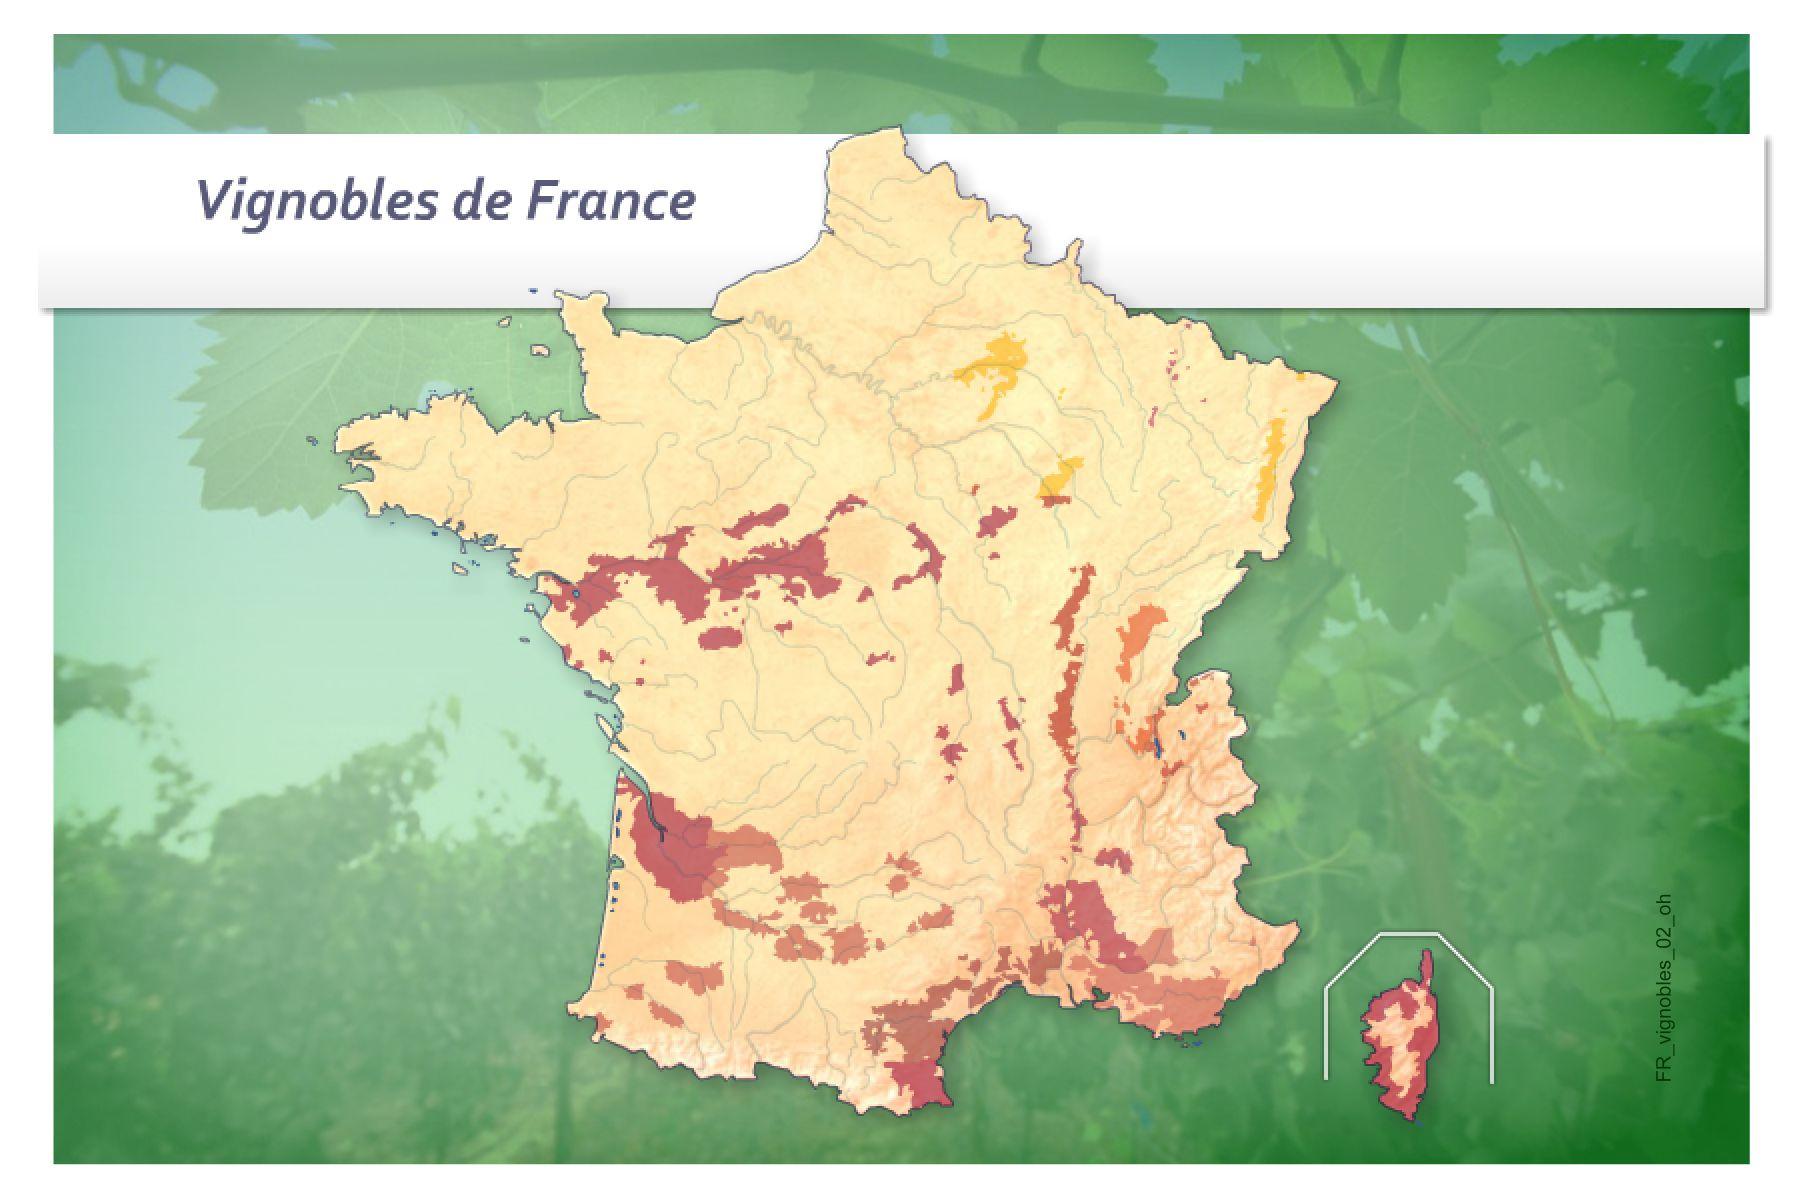 Jeux-Geographiques Jeux Gratuits Jeu Vignobles De France dedans Jeu Geographie France